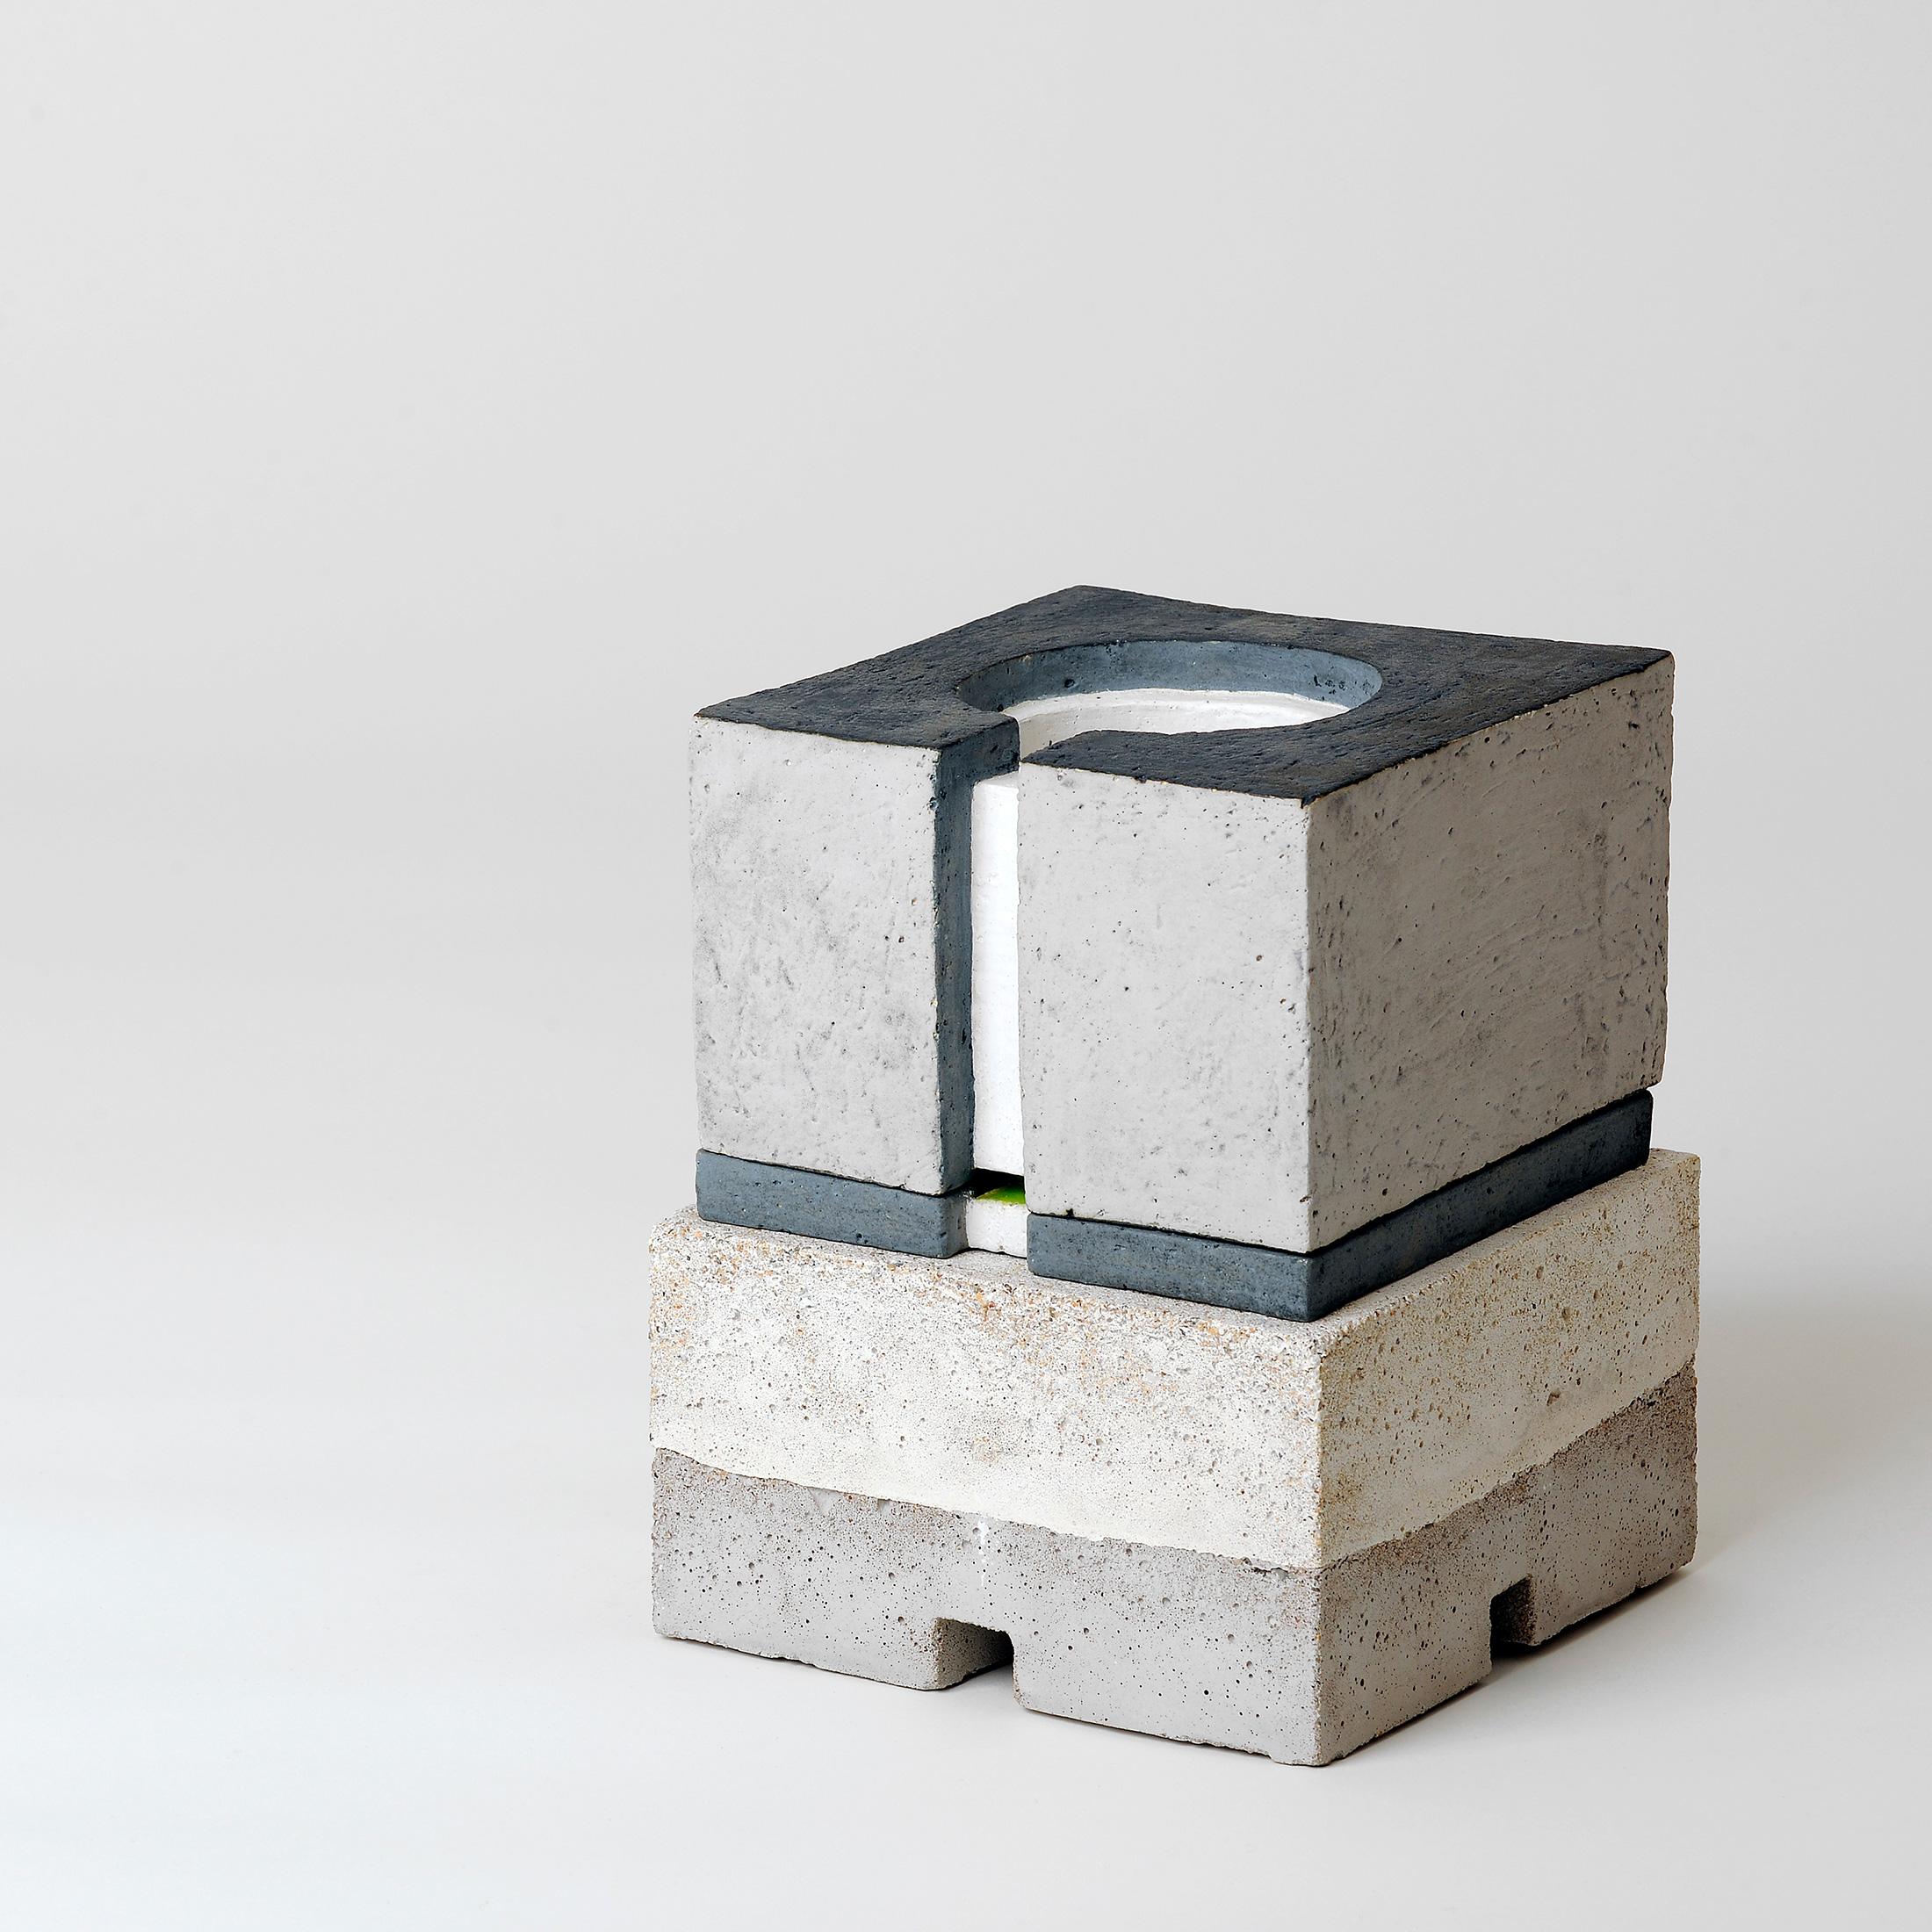 Zwei V  | 2010 | Steinzeug,Beton | 16 x 16 x 16 cm